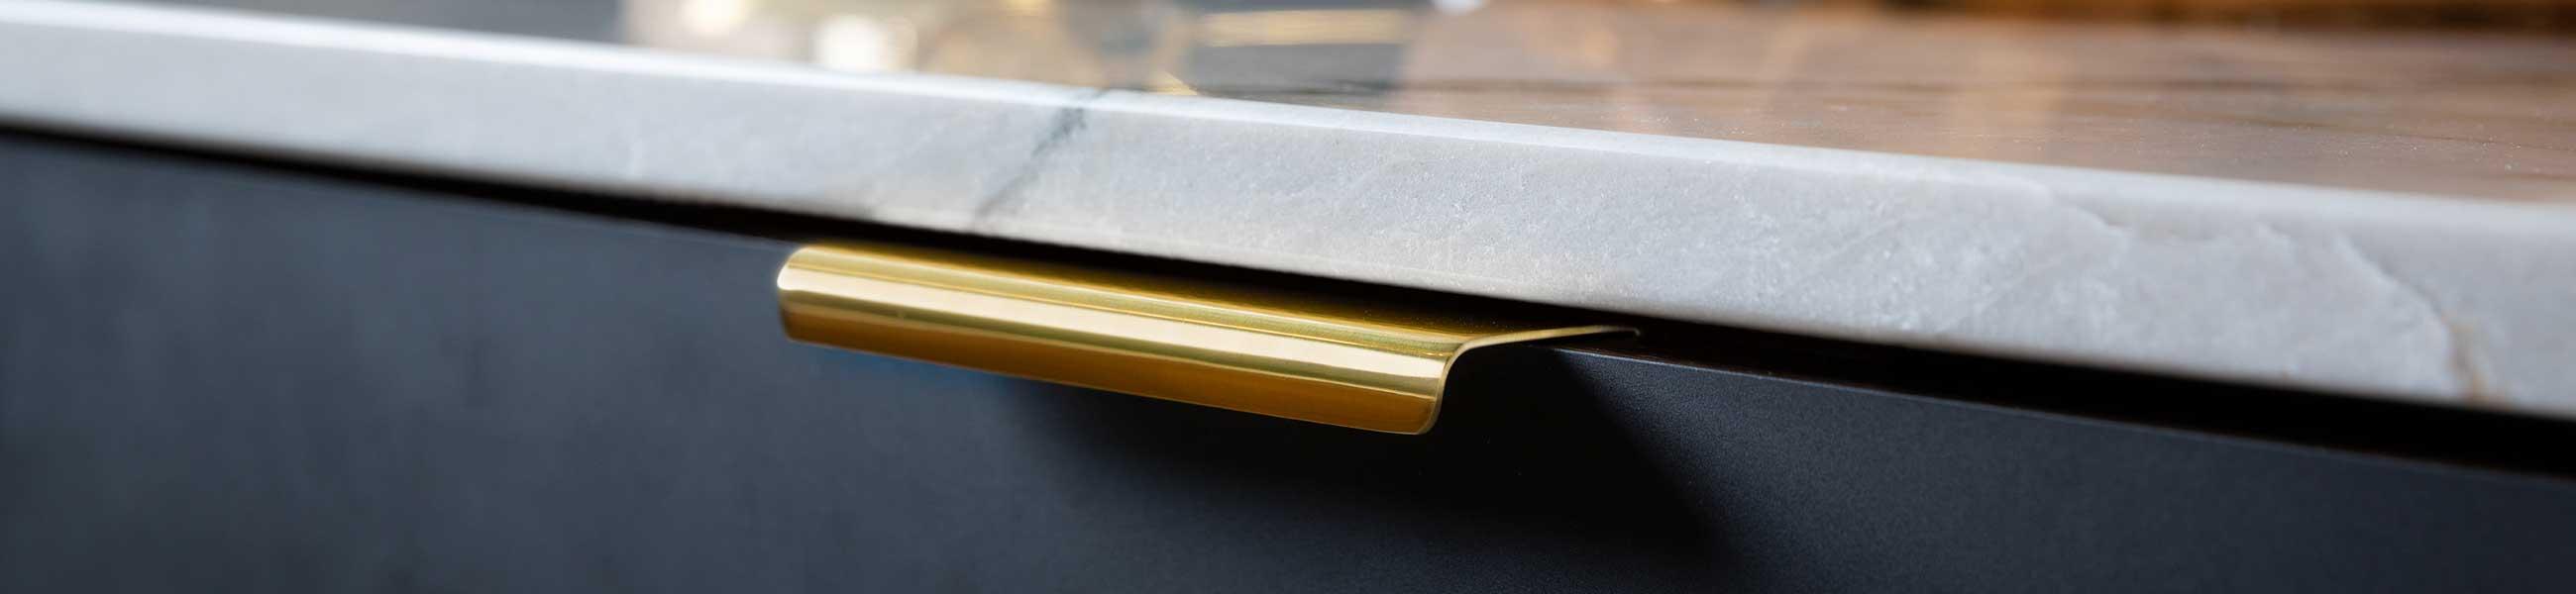 Tidlos Messing Greb I Moderne Design Beslagonline Dk